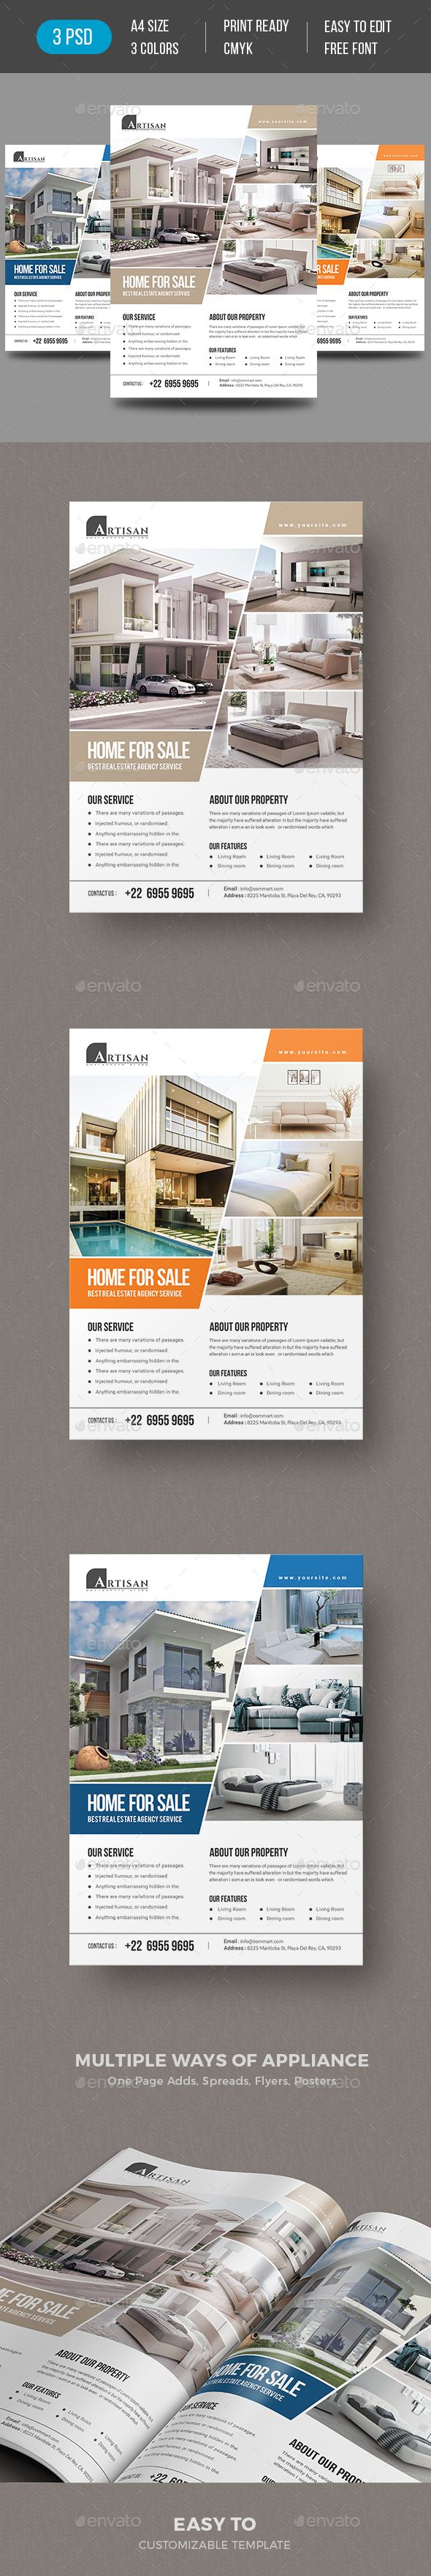 Real Estate Flyer Real Estate Flyer